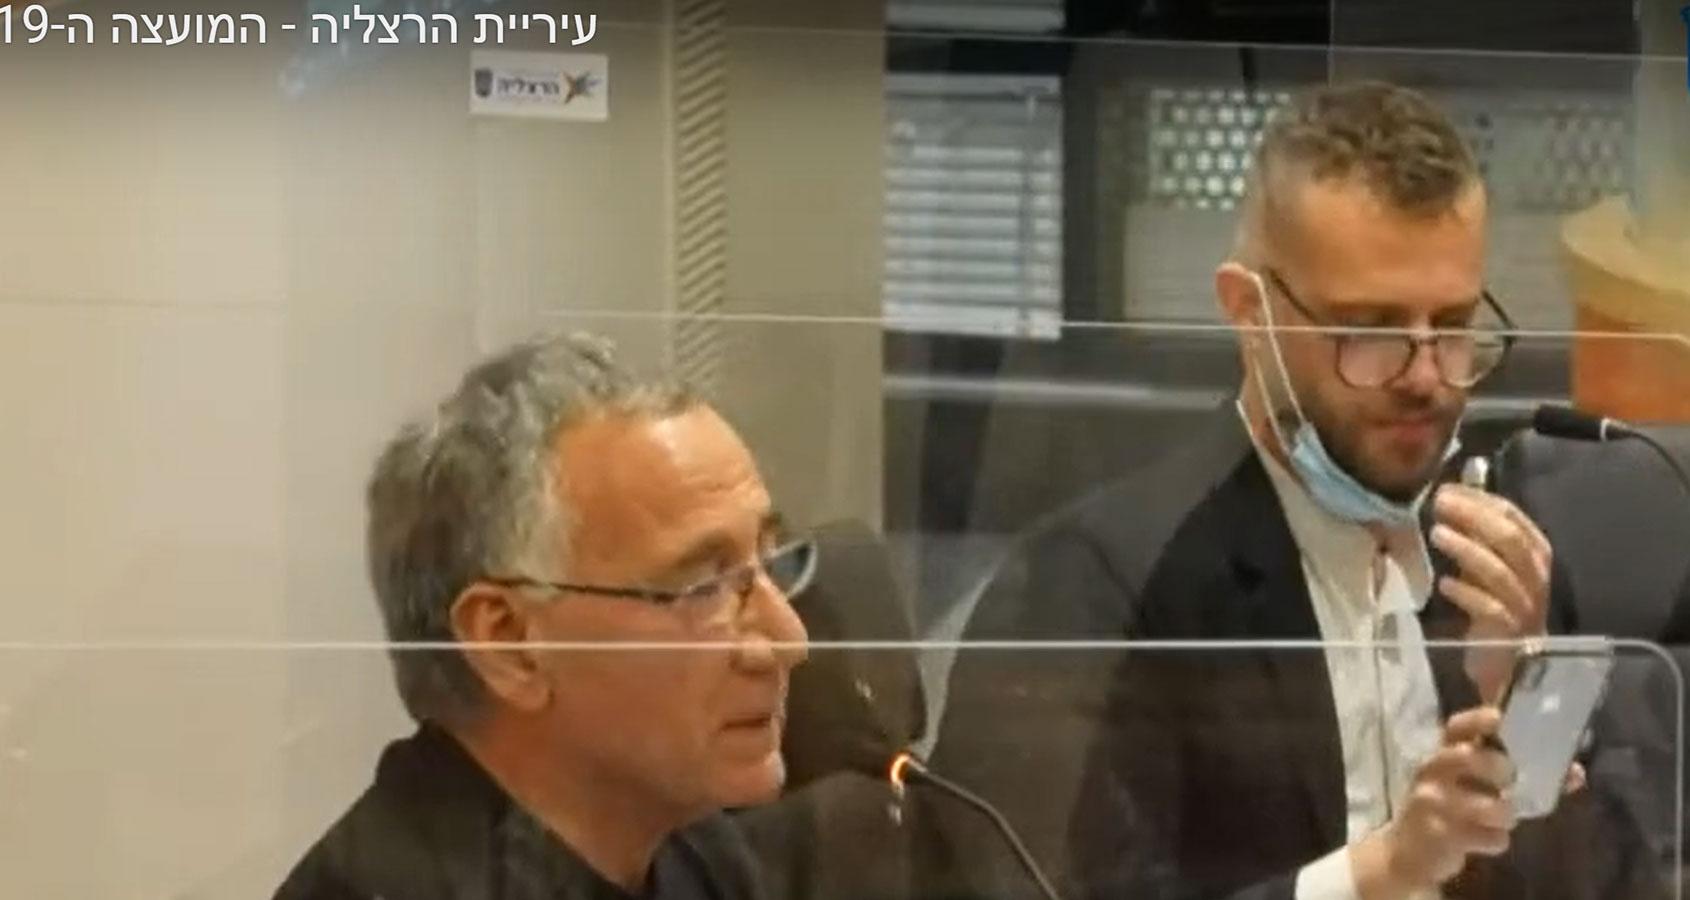 משה פדלון ואהוד לזר בישיבת מועצת העיר הרצליה